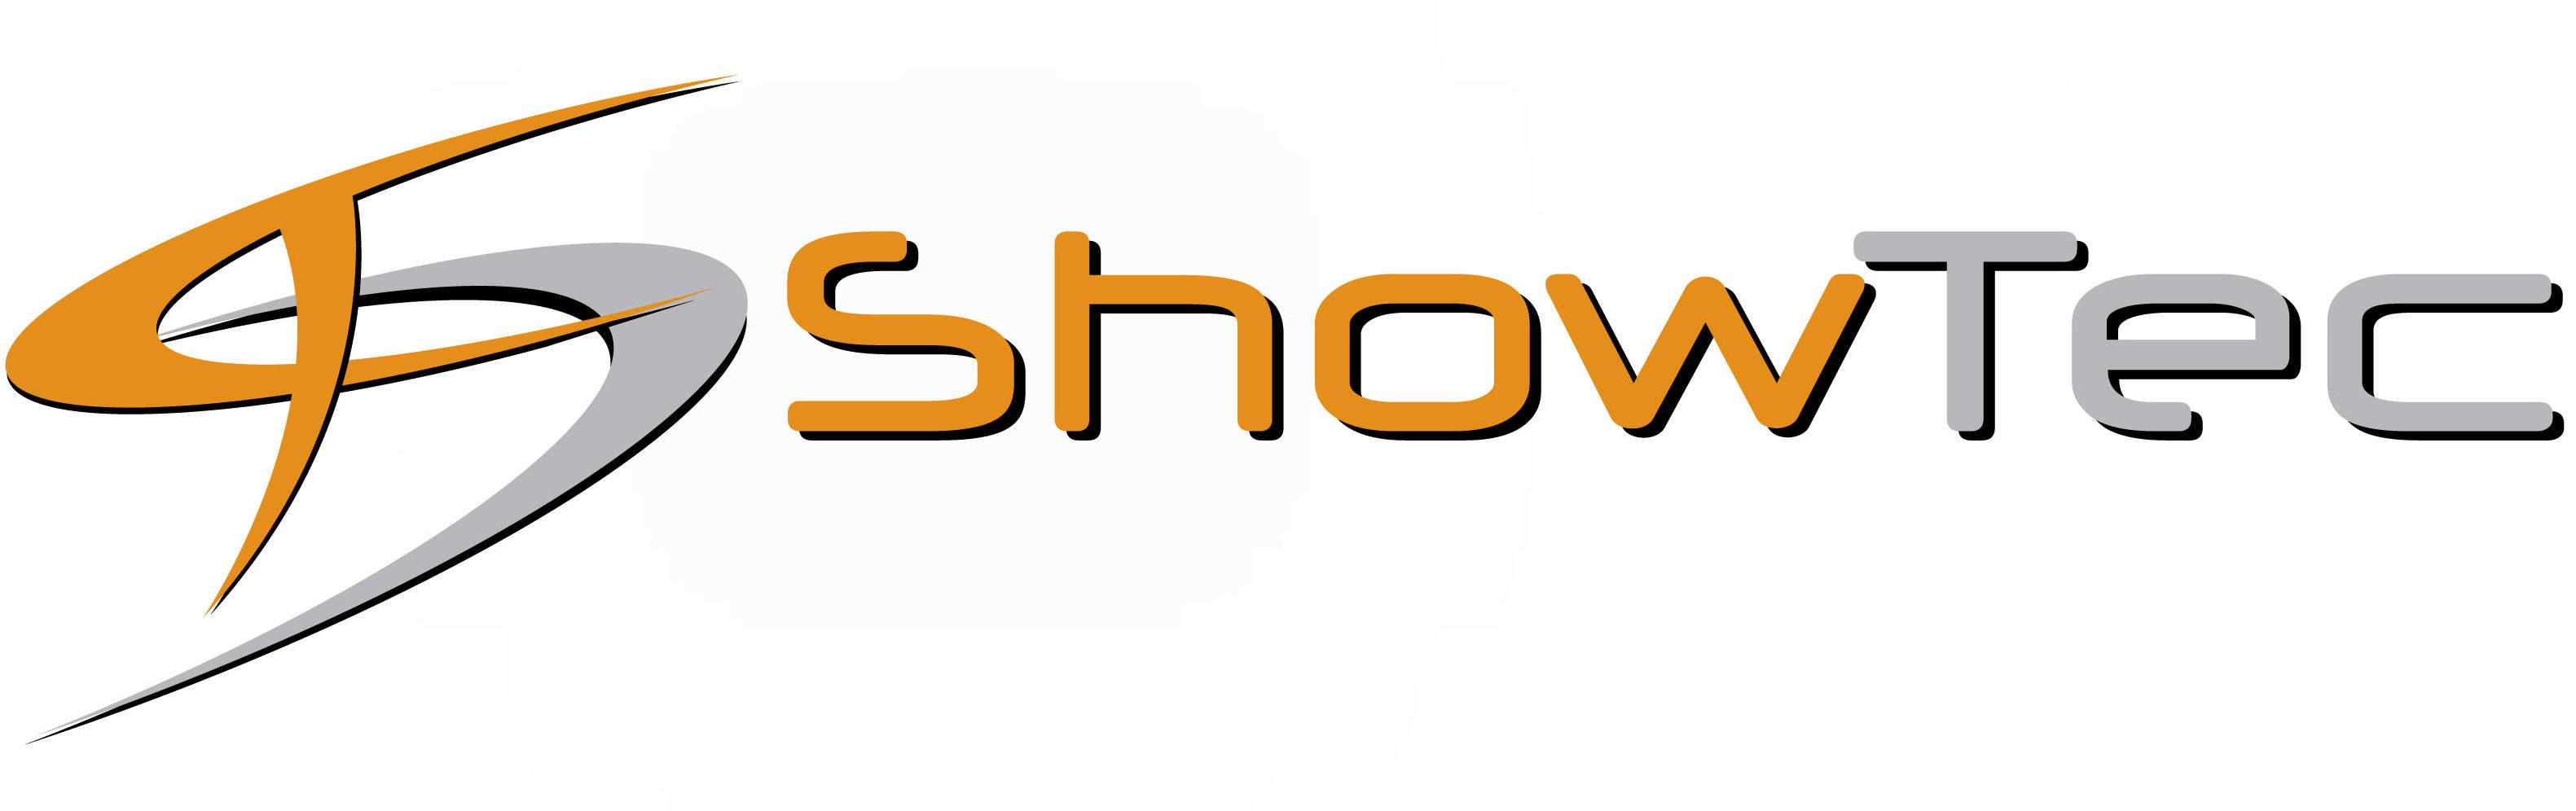 ShowTecLogo_300dpi10inch